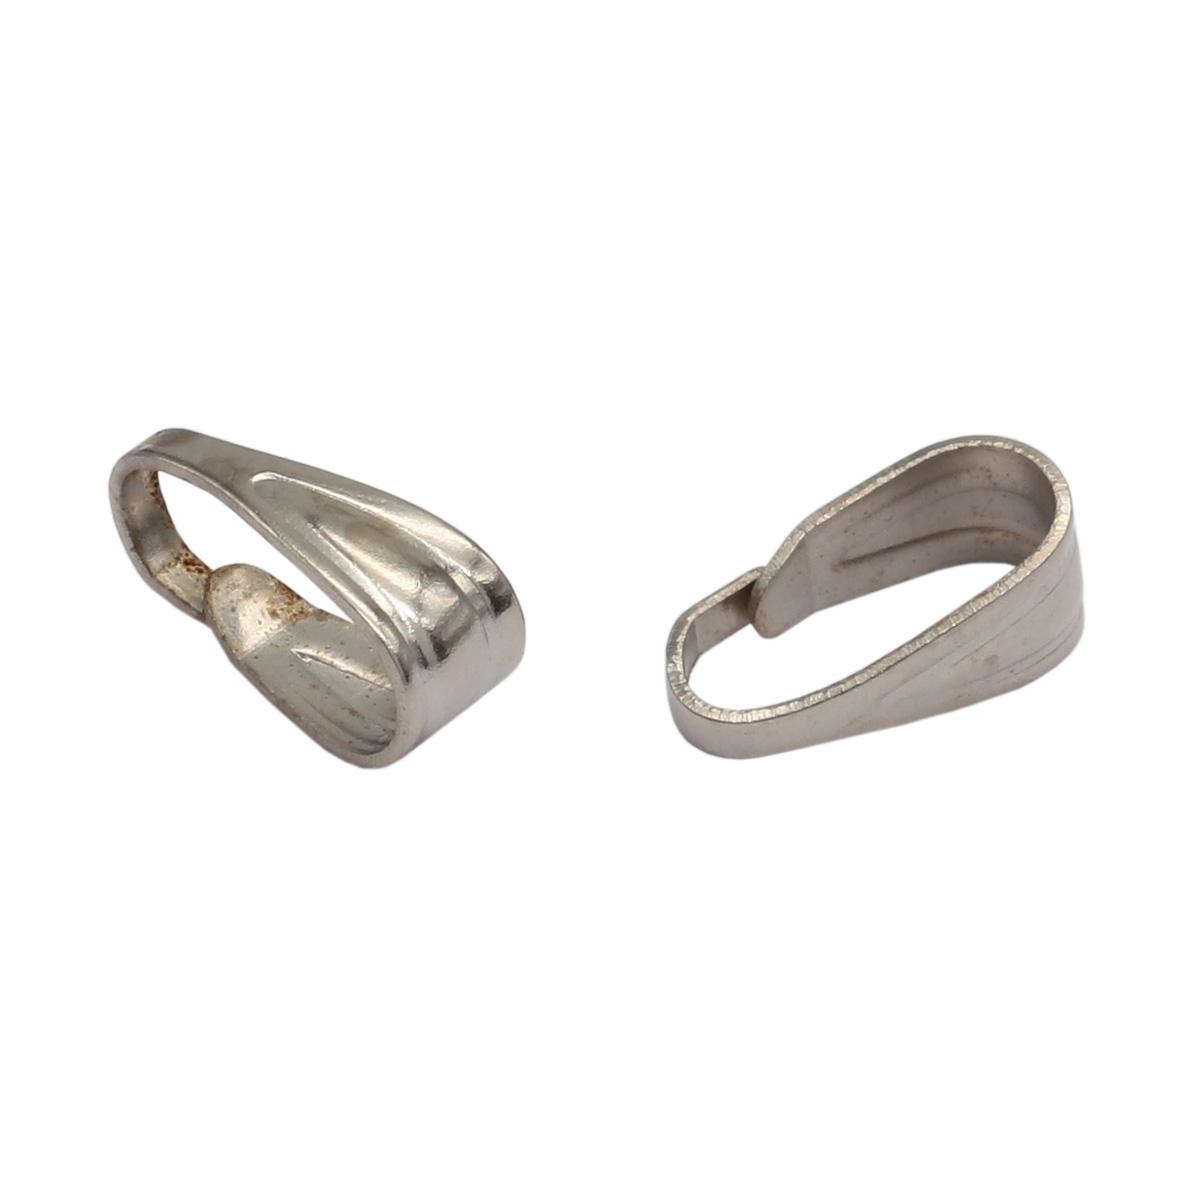 4AR193 Петля-держатель для кулона, 5шт/упак, Астра (Никель)